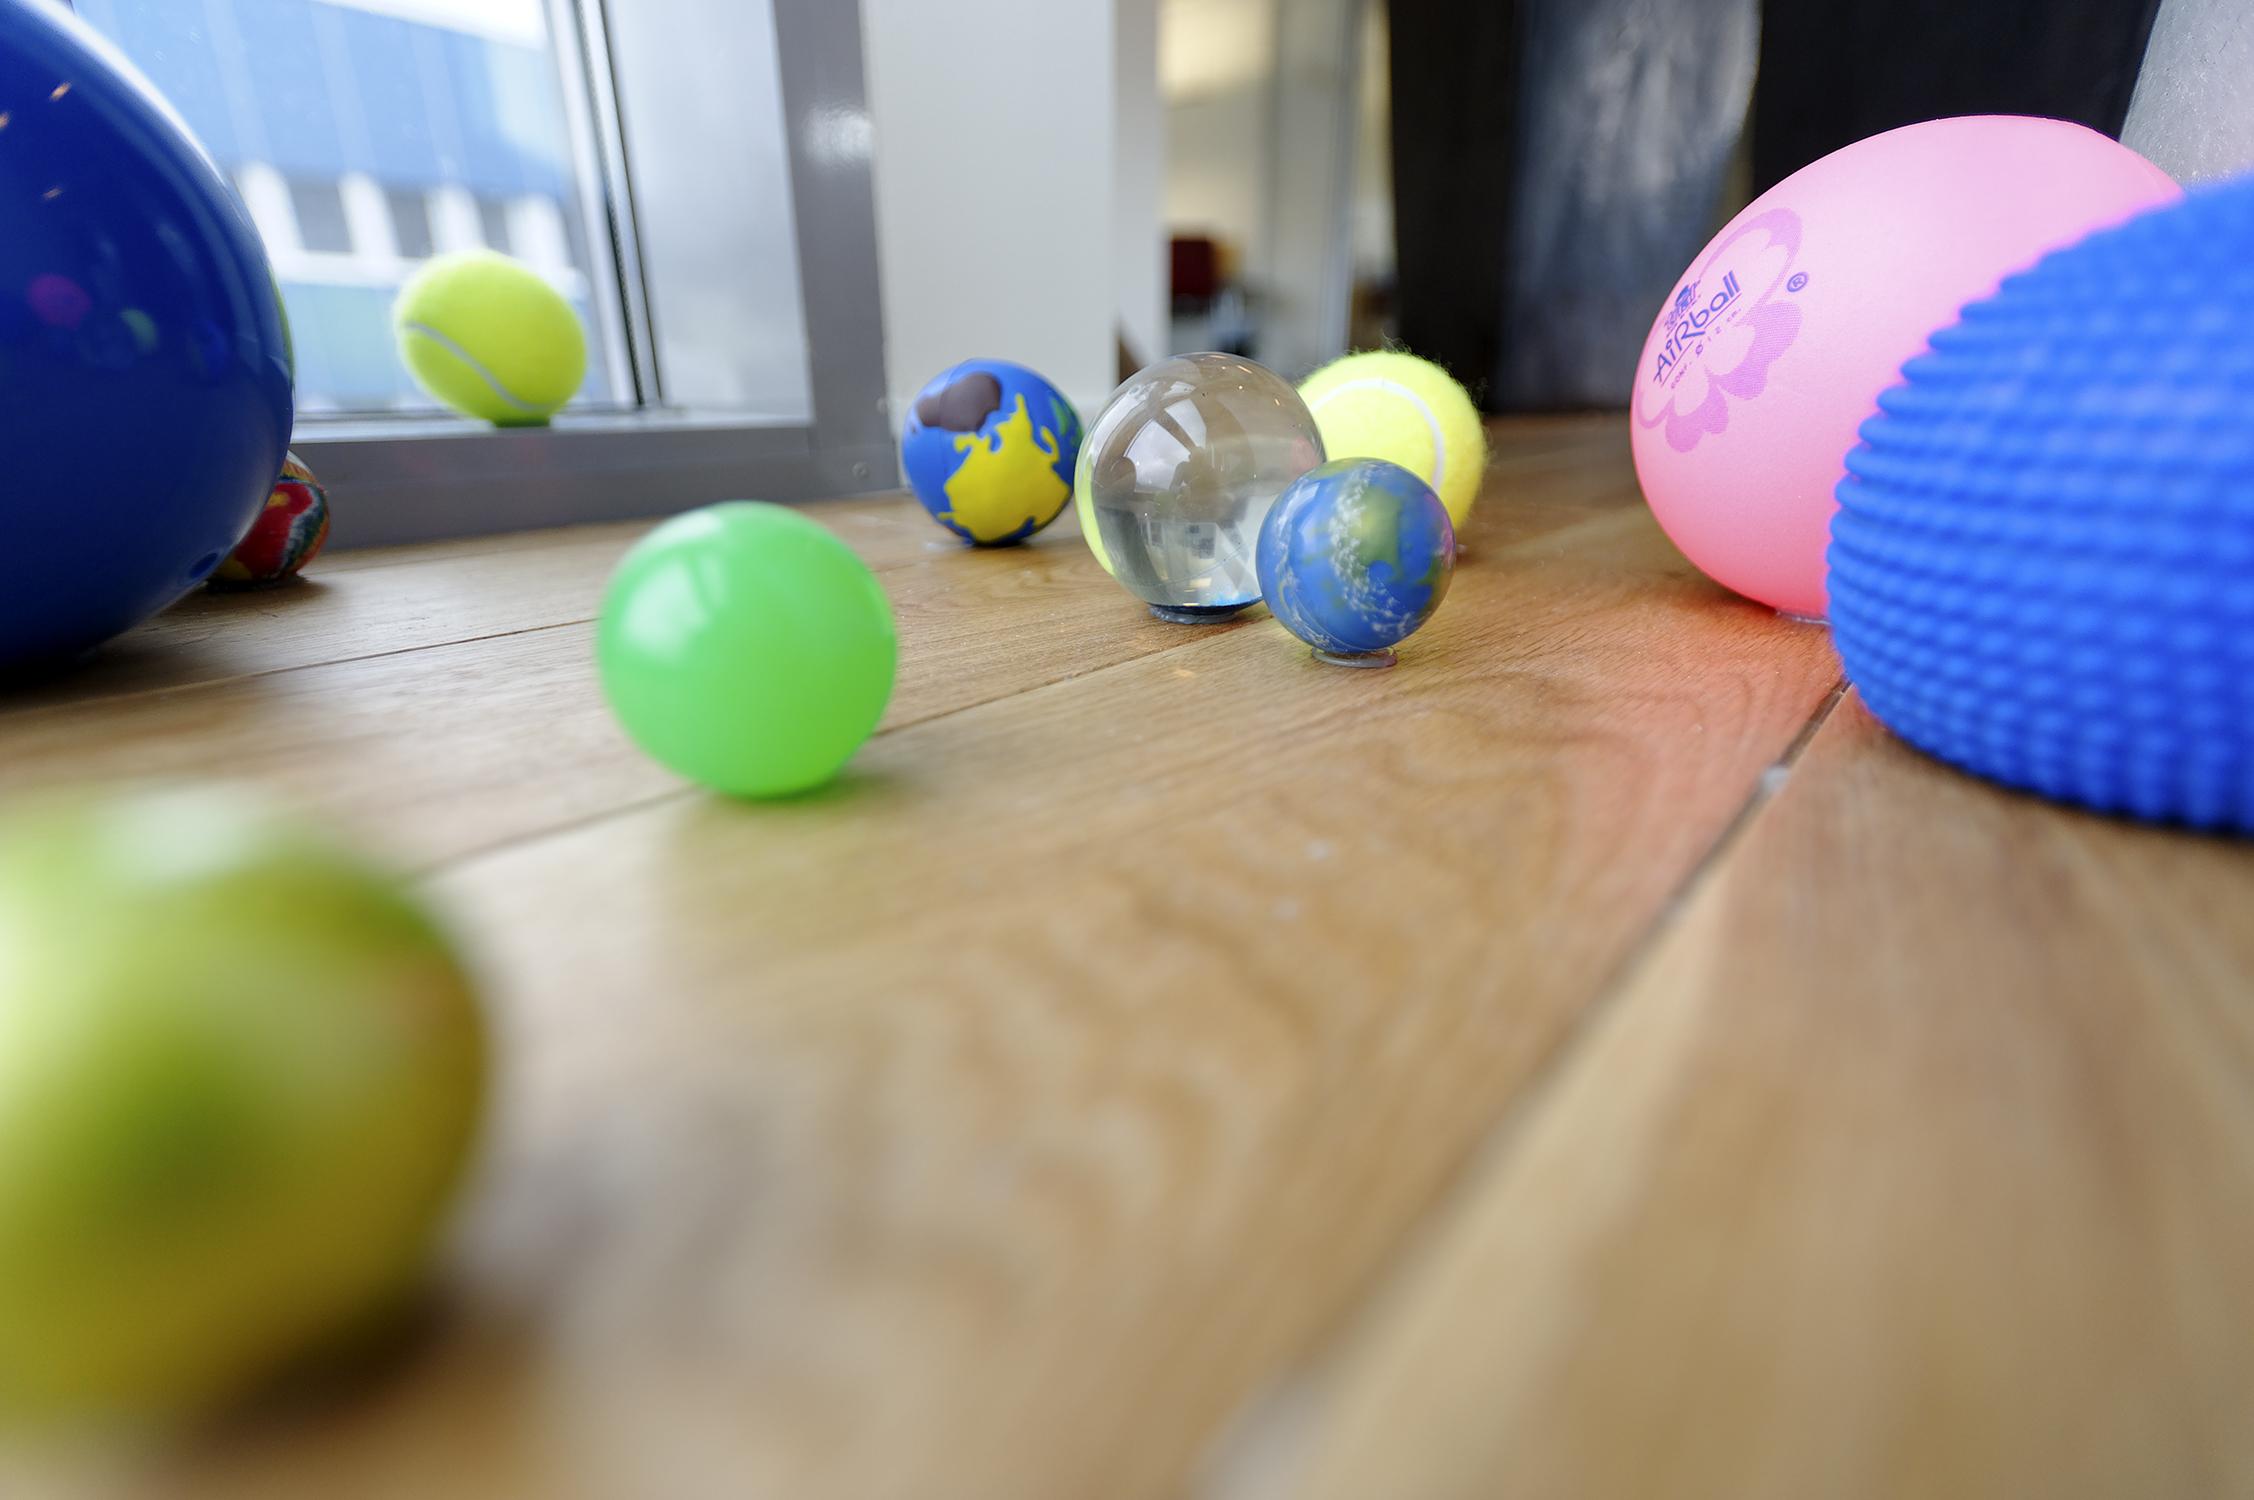 Balls on floor